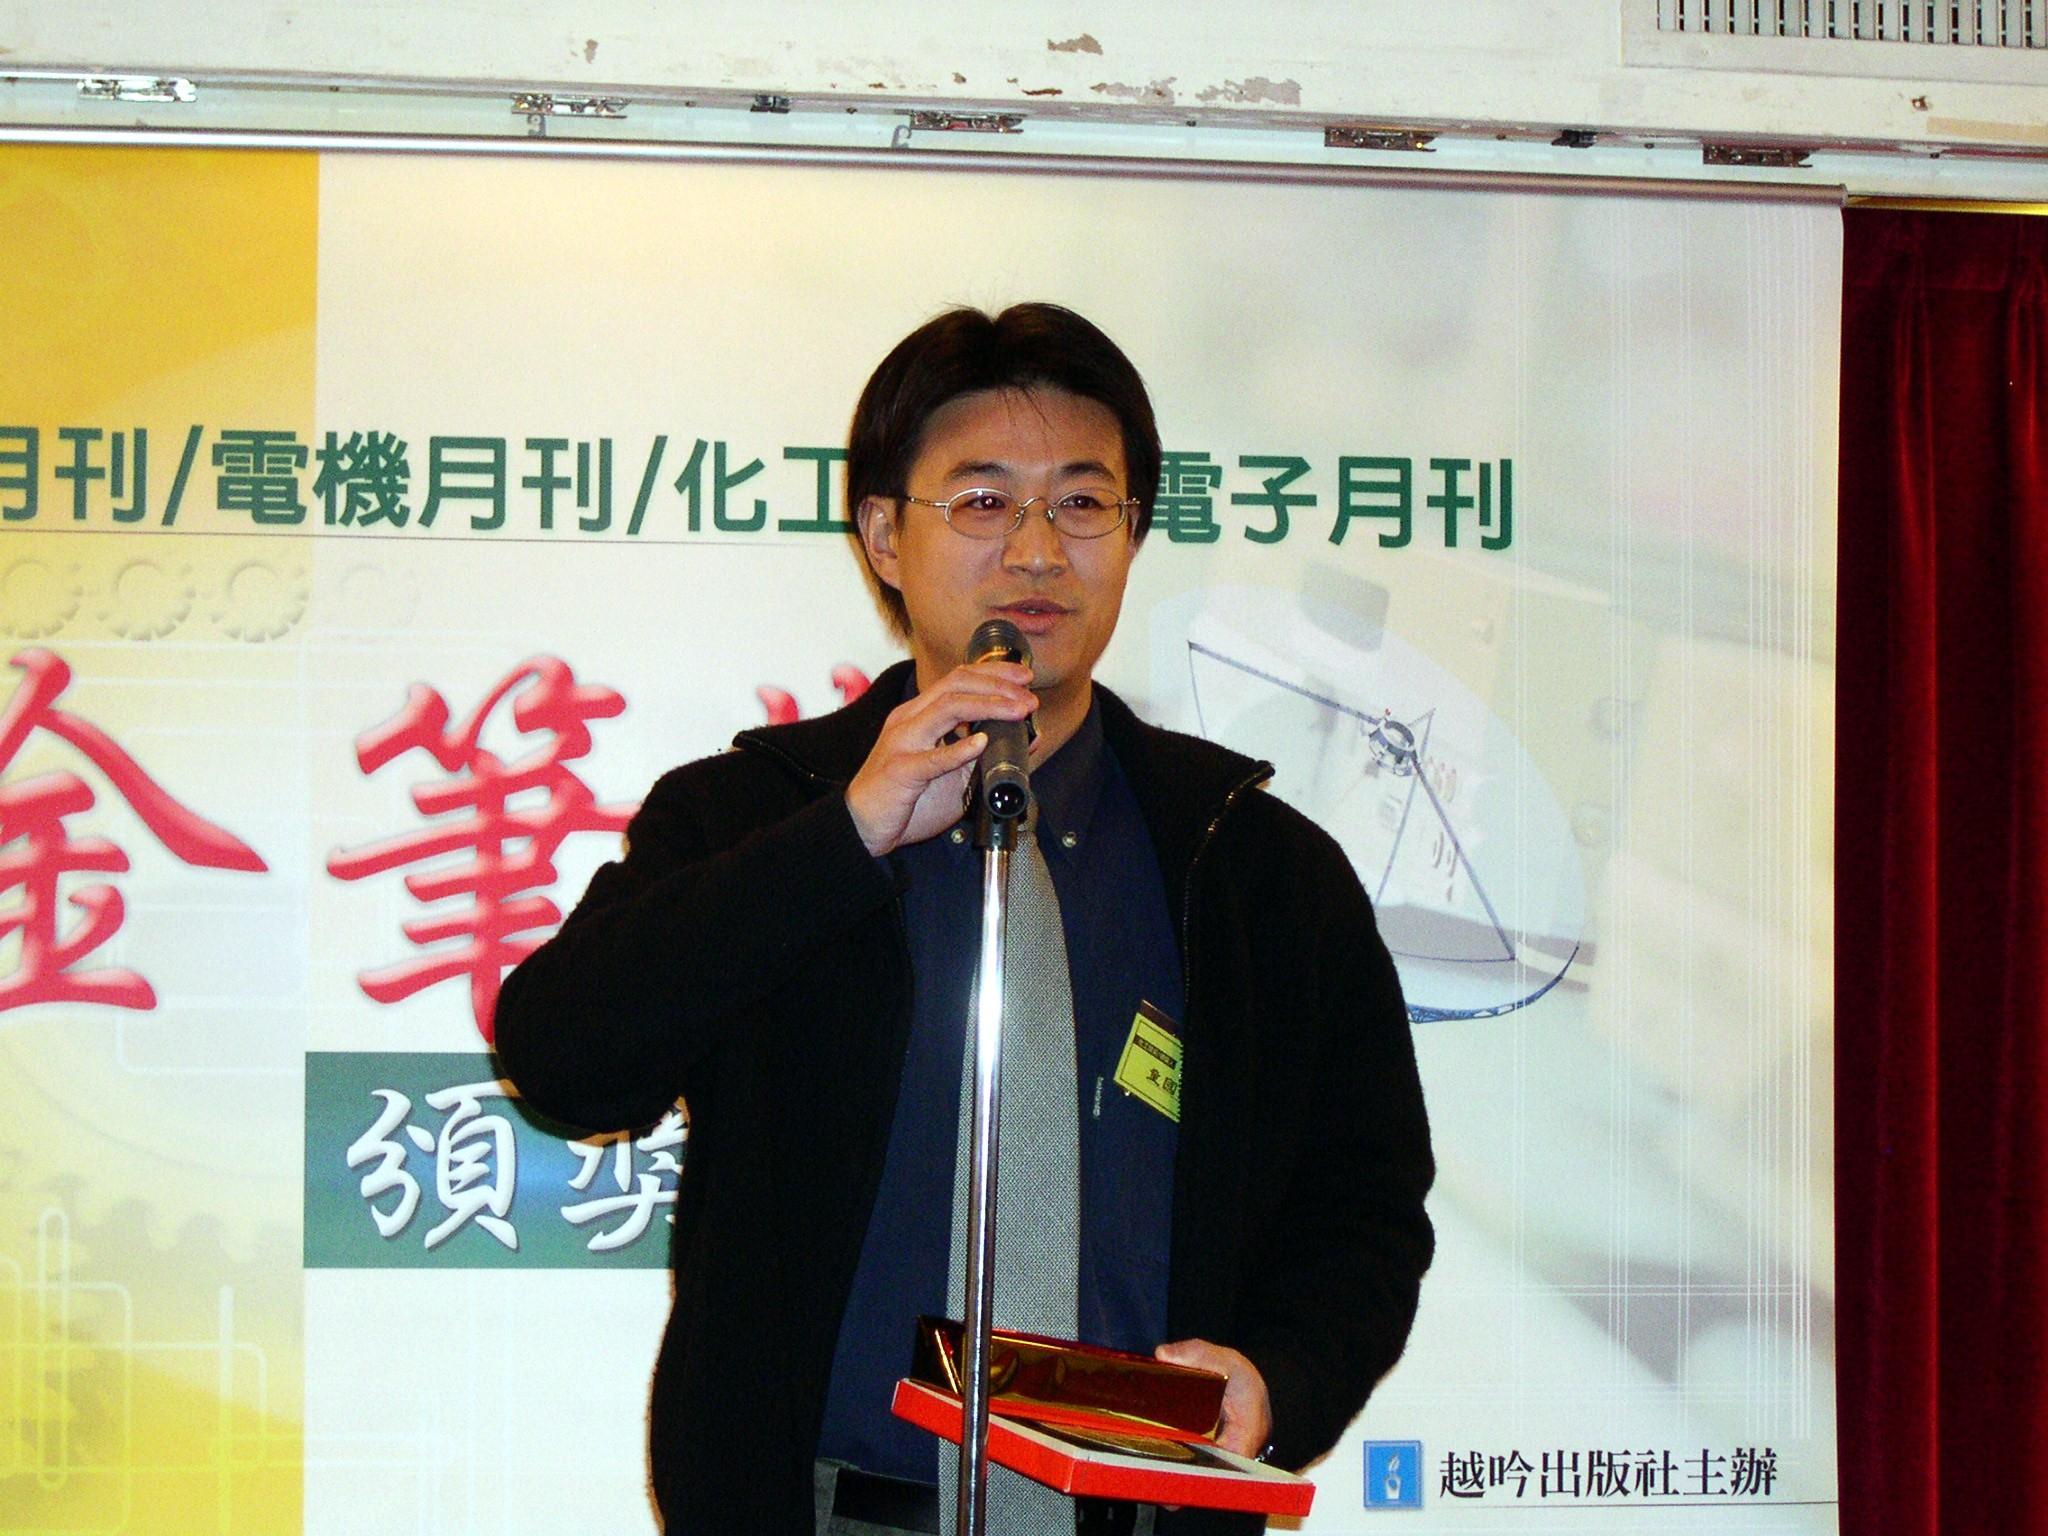 童國倫專業受肯定 - 榮獲金筆獎首獎